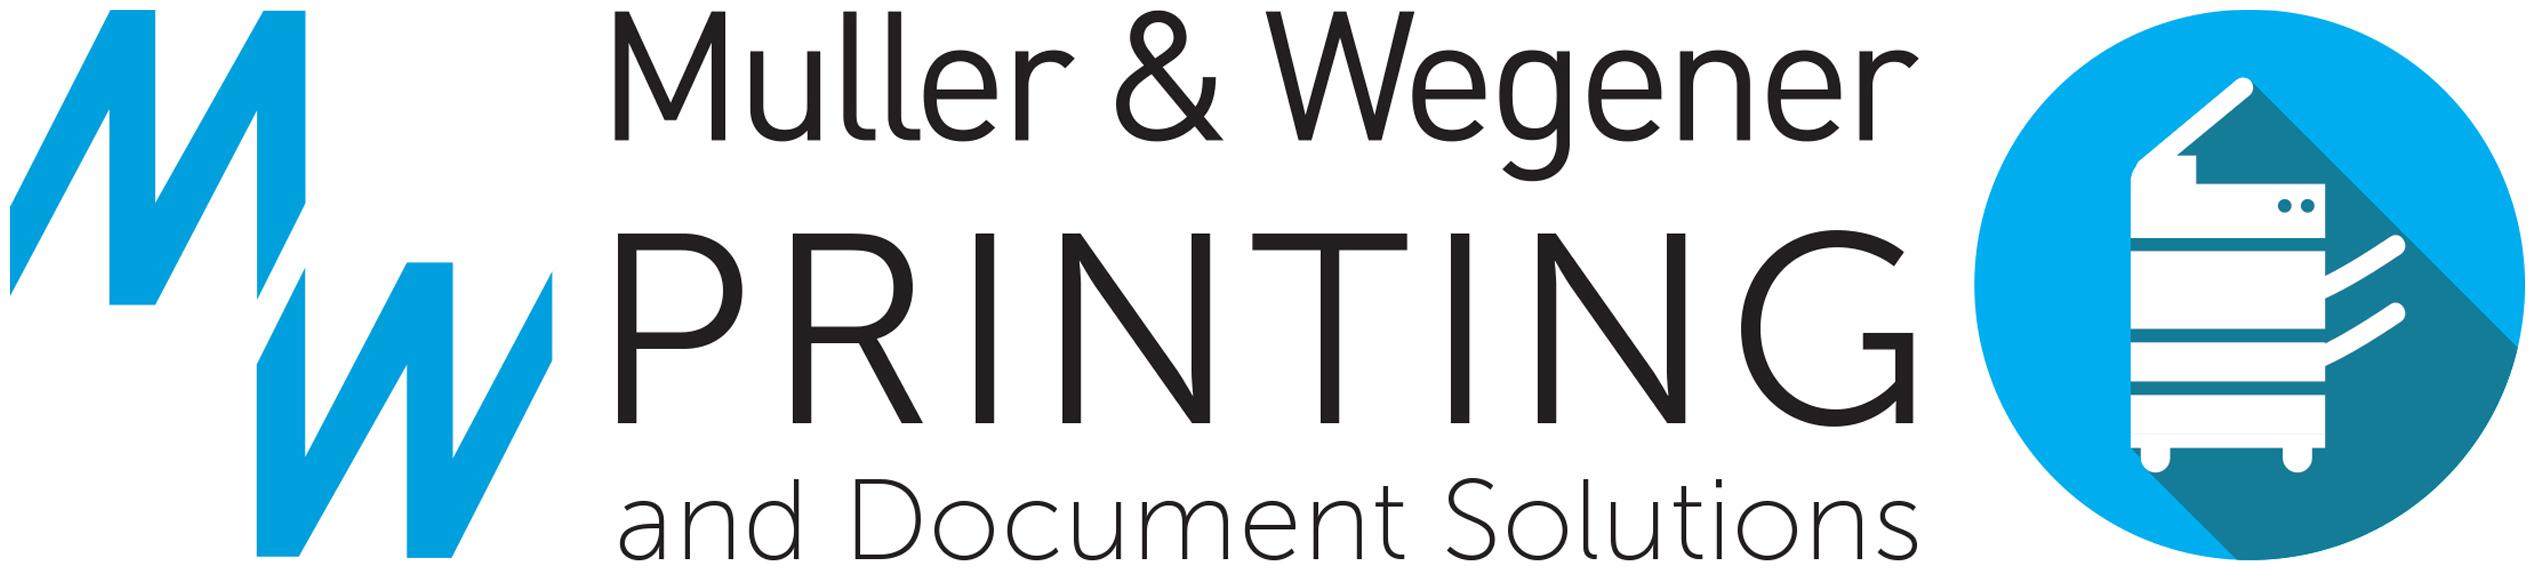 Muller & Wegener et VDM à Luxembourg | Imprimantes Multifonctions Copieurs Fax